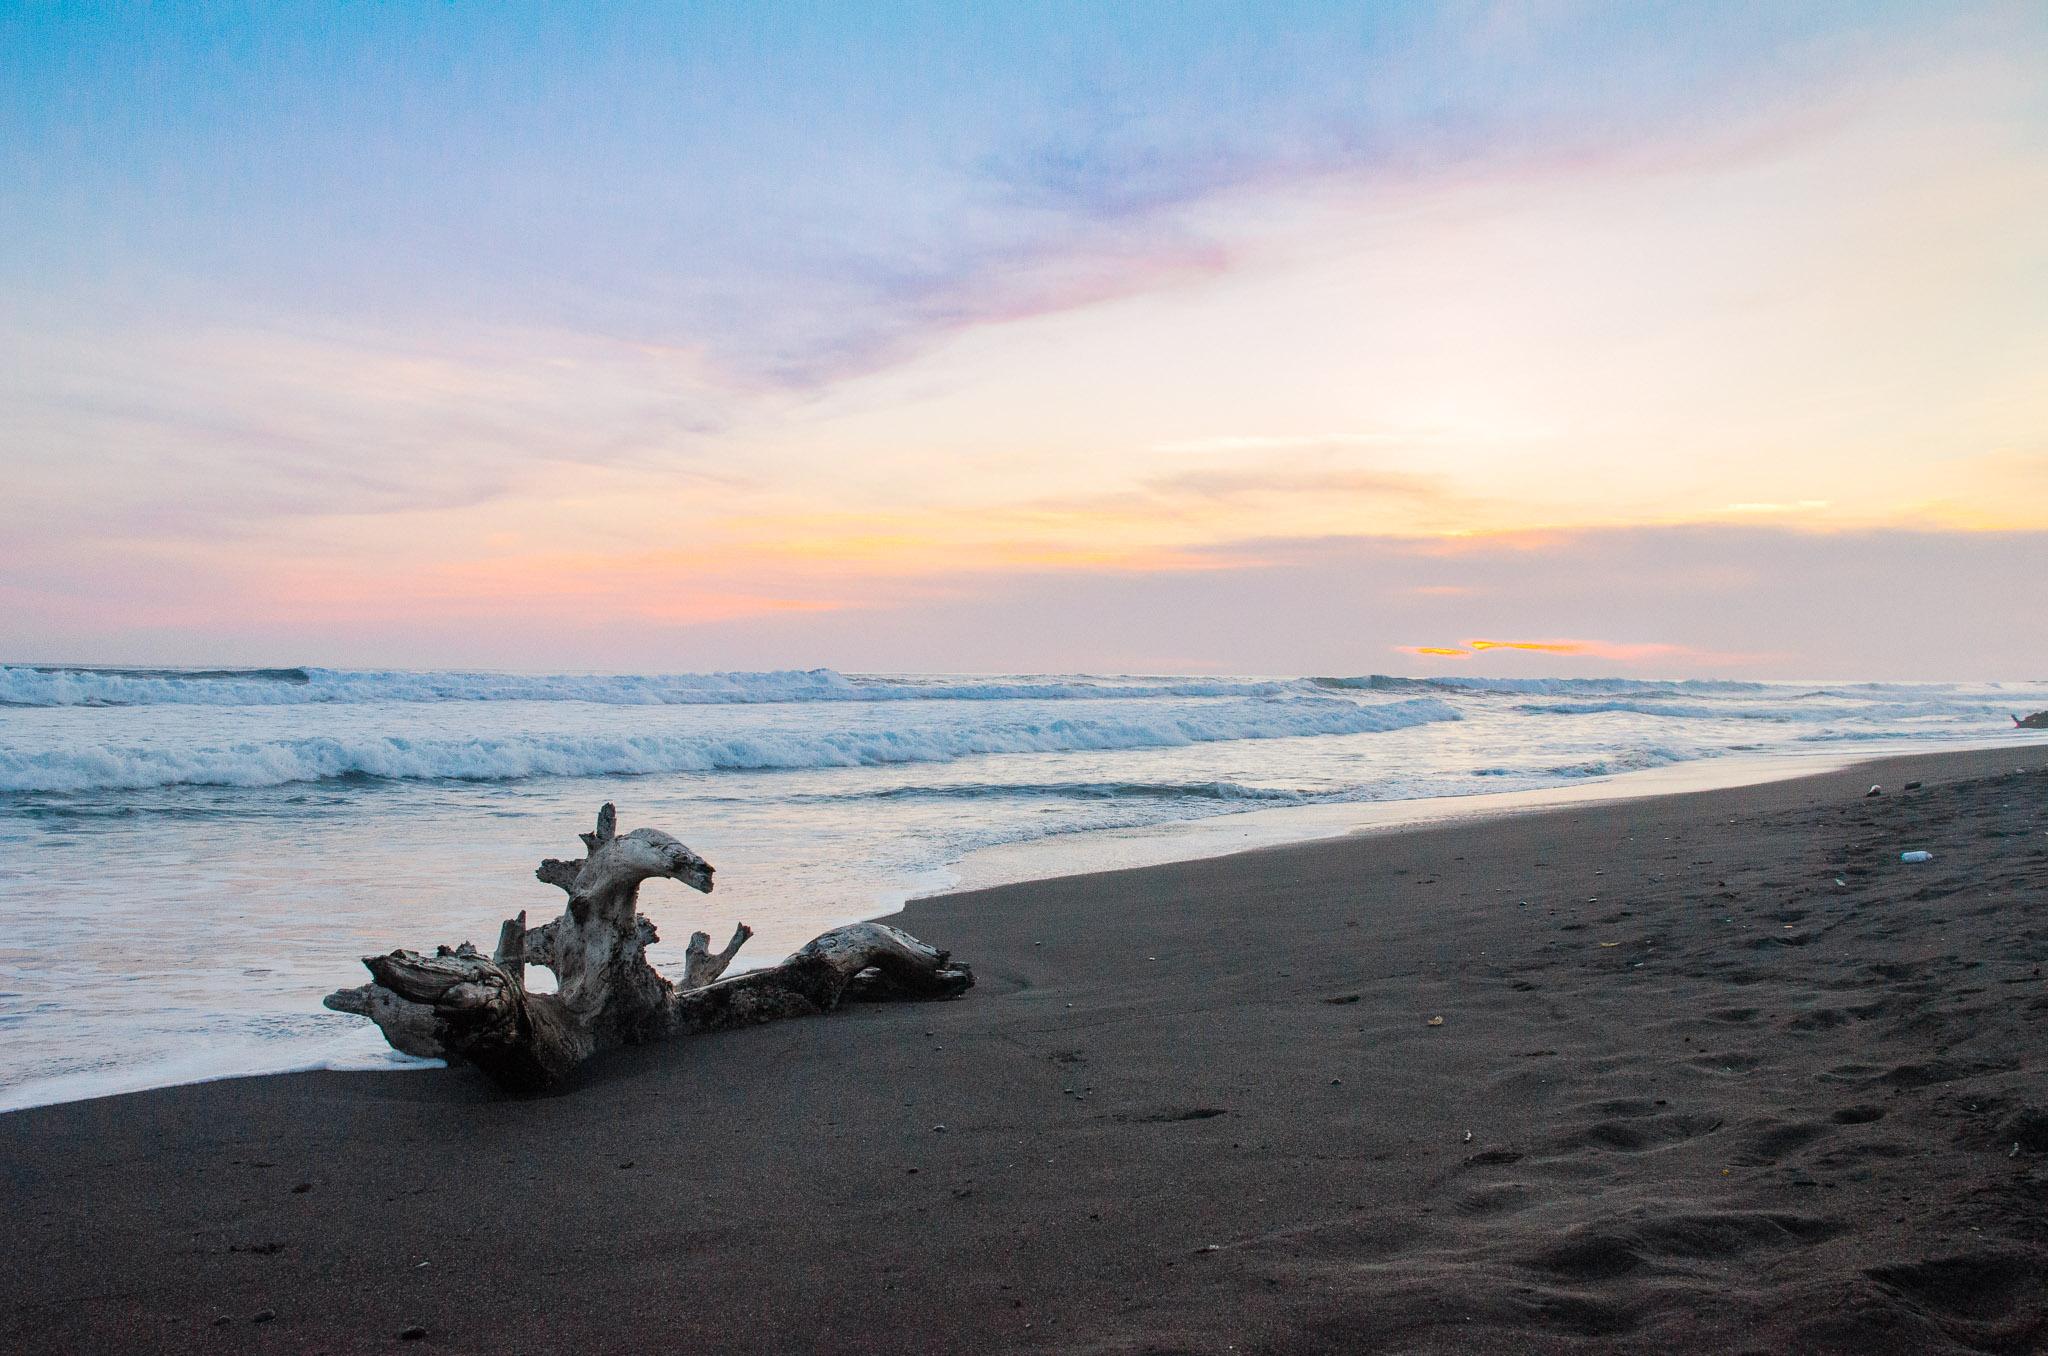 costa-rica-playa-nosara-sunset-13.jpg